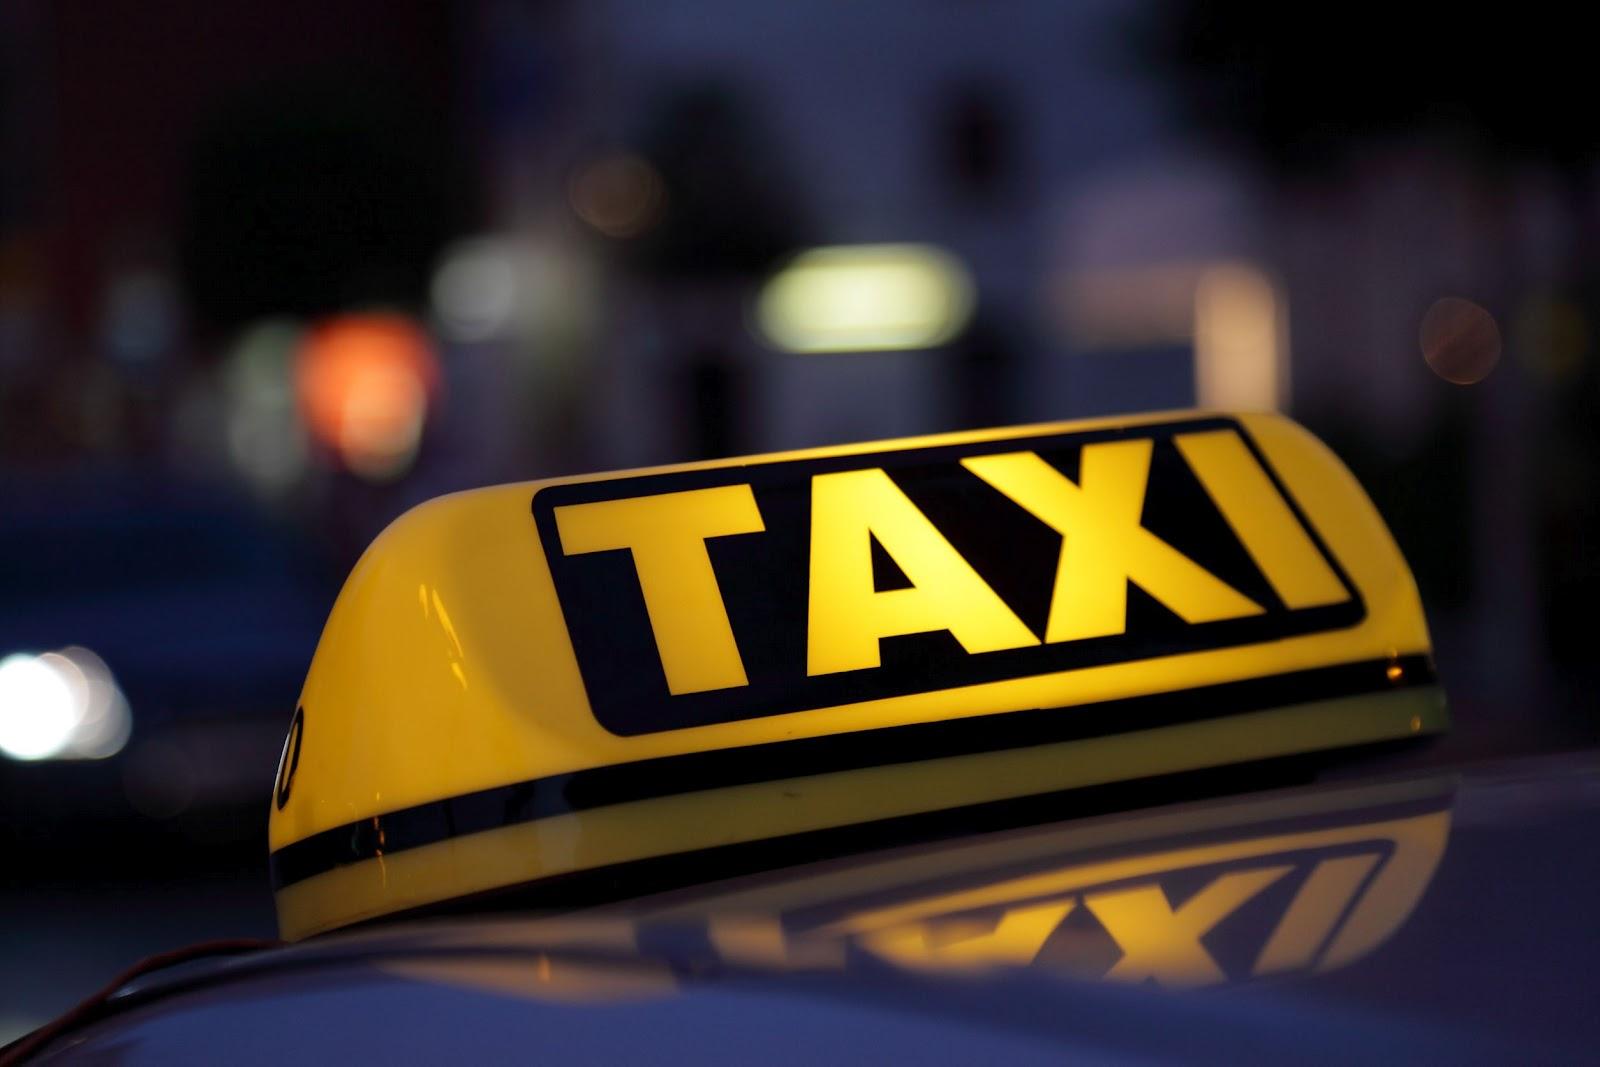 Объединение «Яндекс.Такси» иUber приведет к увеличению цен — руководитель Gett